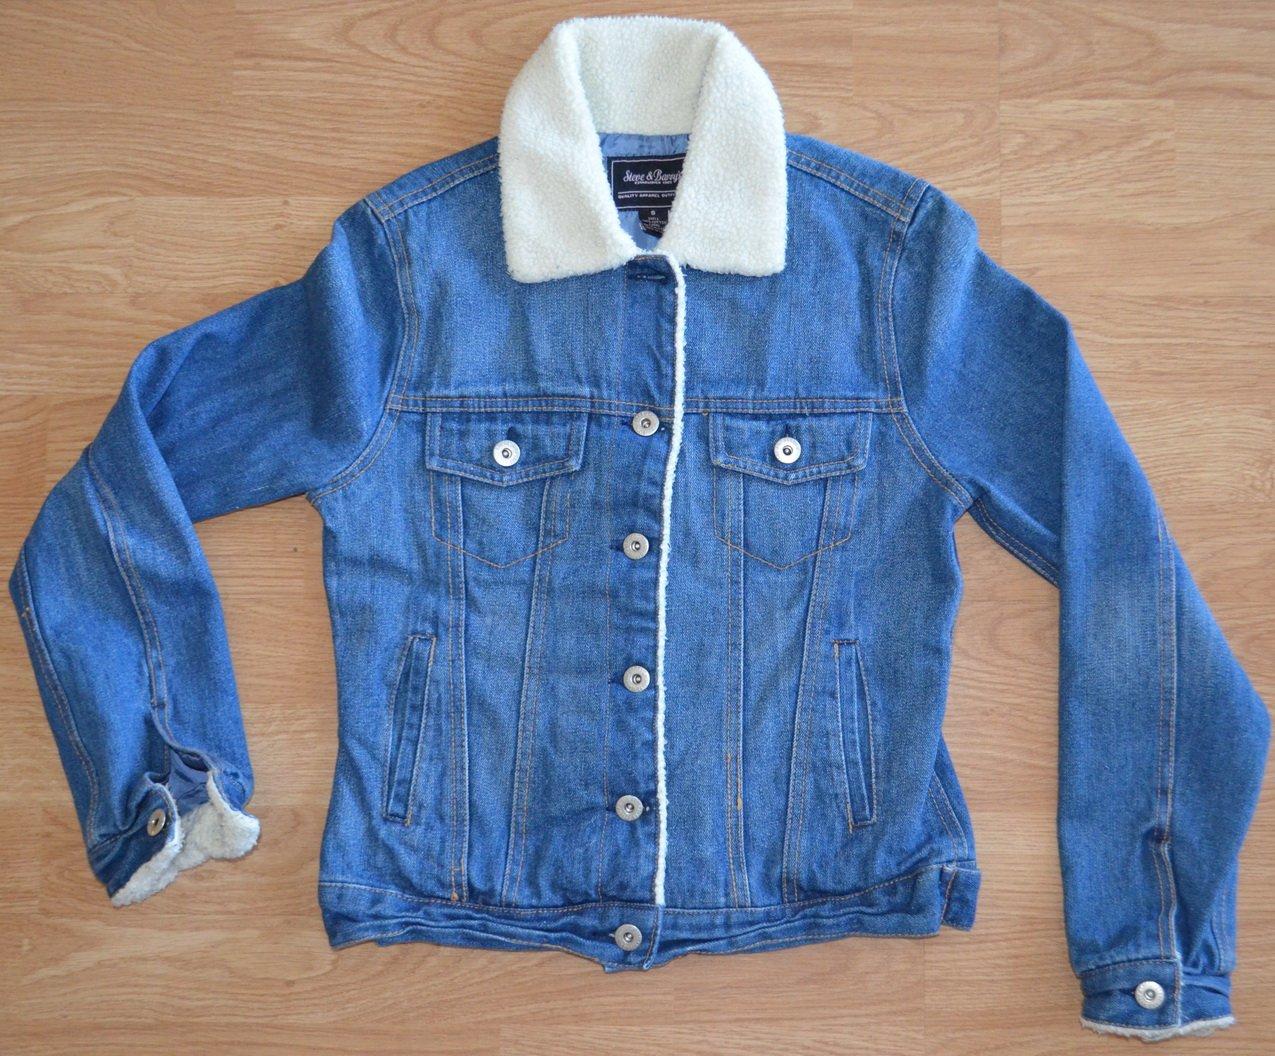 N969 Women's jacket STEEVE & BARRY'S size S